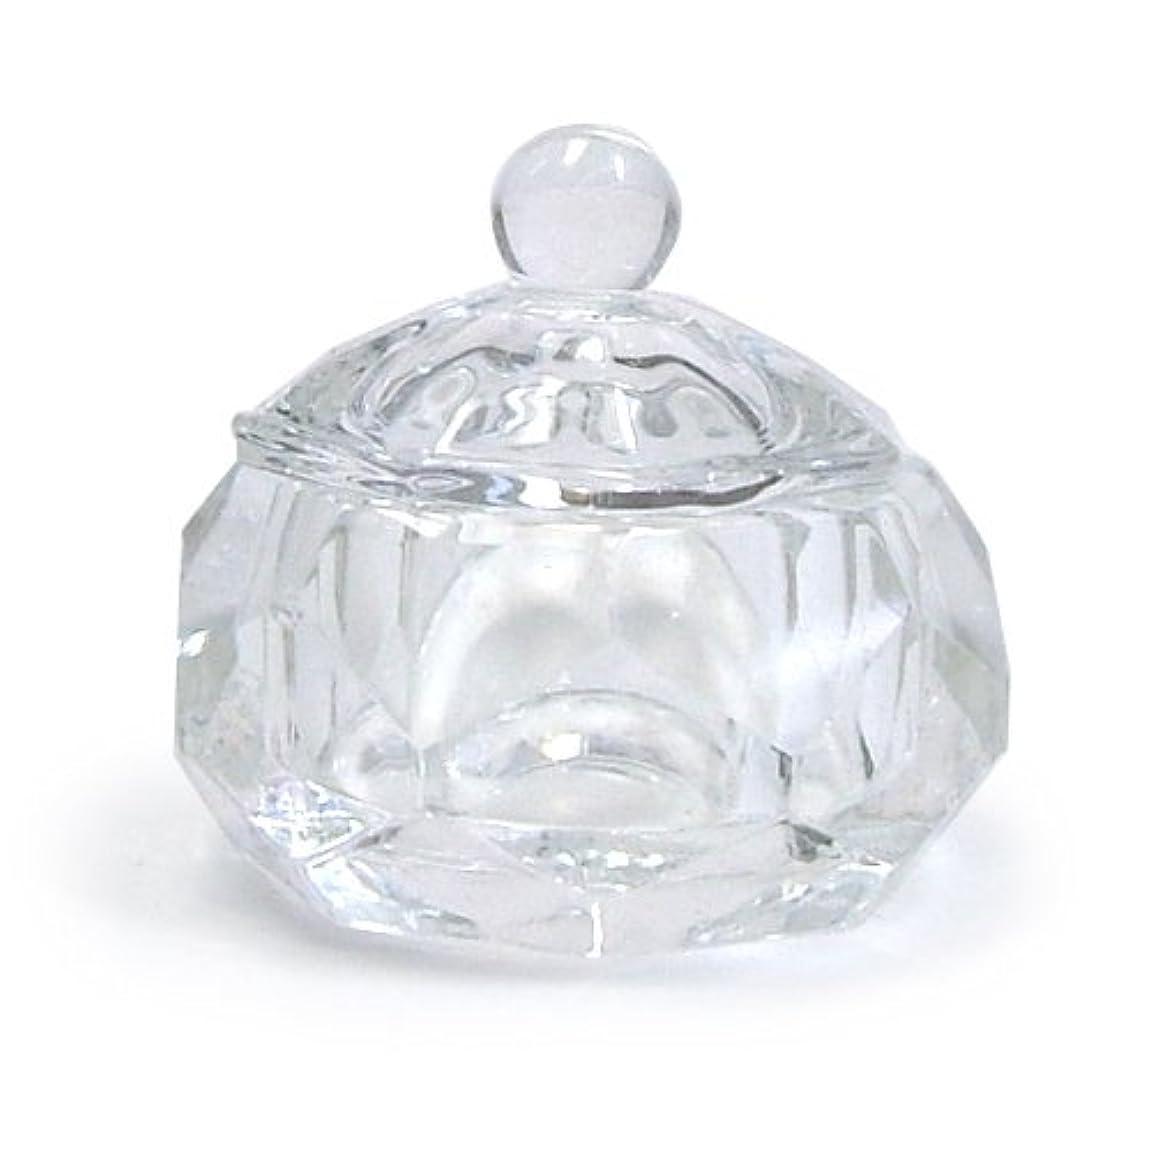 アプローチ展示会自分のためにダッペンディッシュ フタ付き (ガラス製)